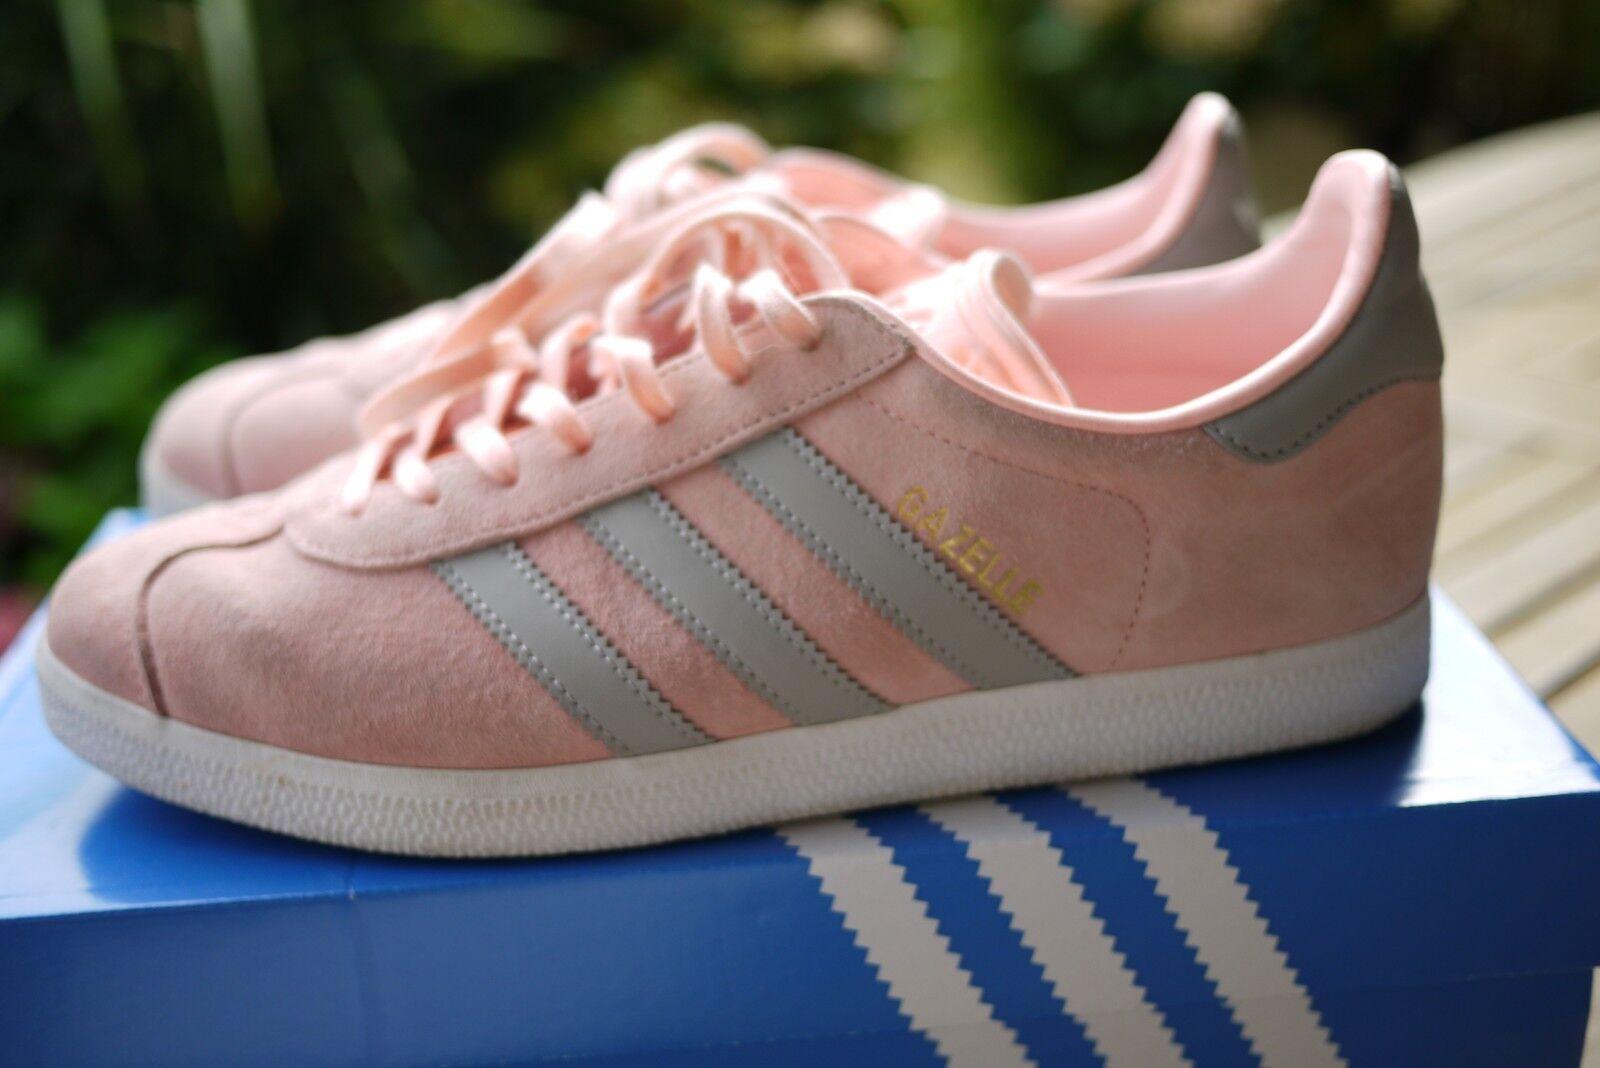 Adidas 6,5 Gazelle W Gr.40 / UK 6,5 Adidas Rosa BA7656Haze Coral/Clear Granite/Weiß 27fcb4